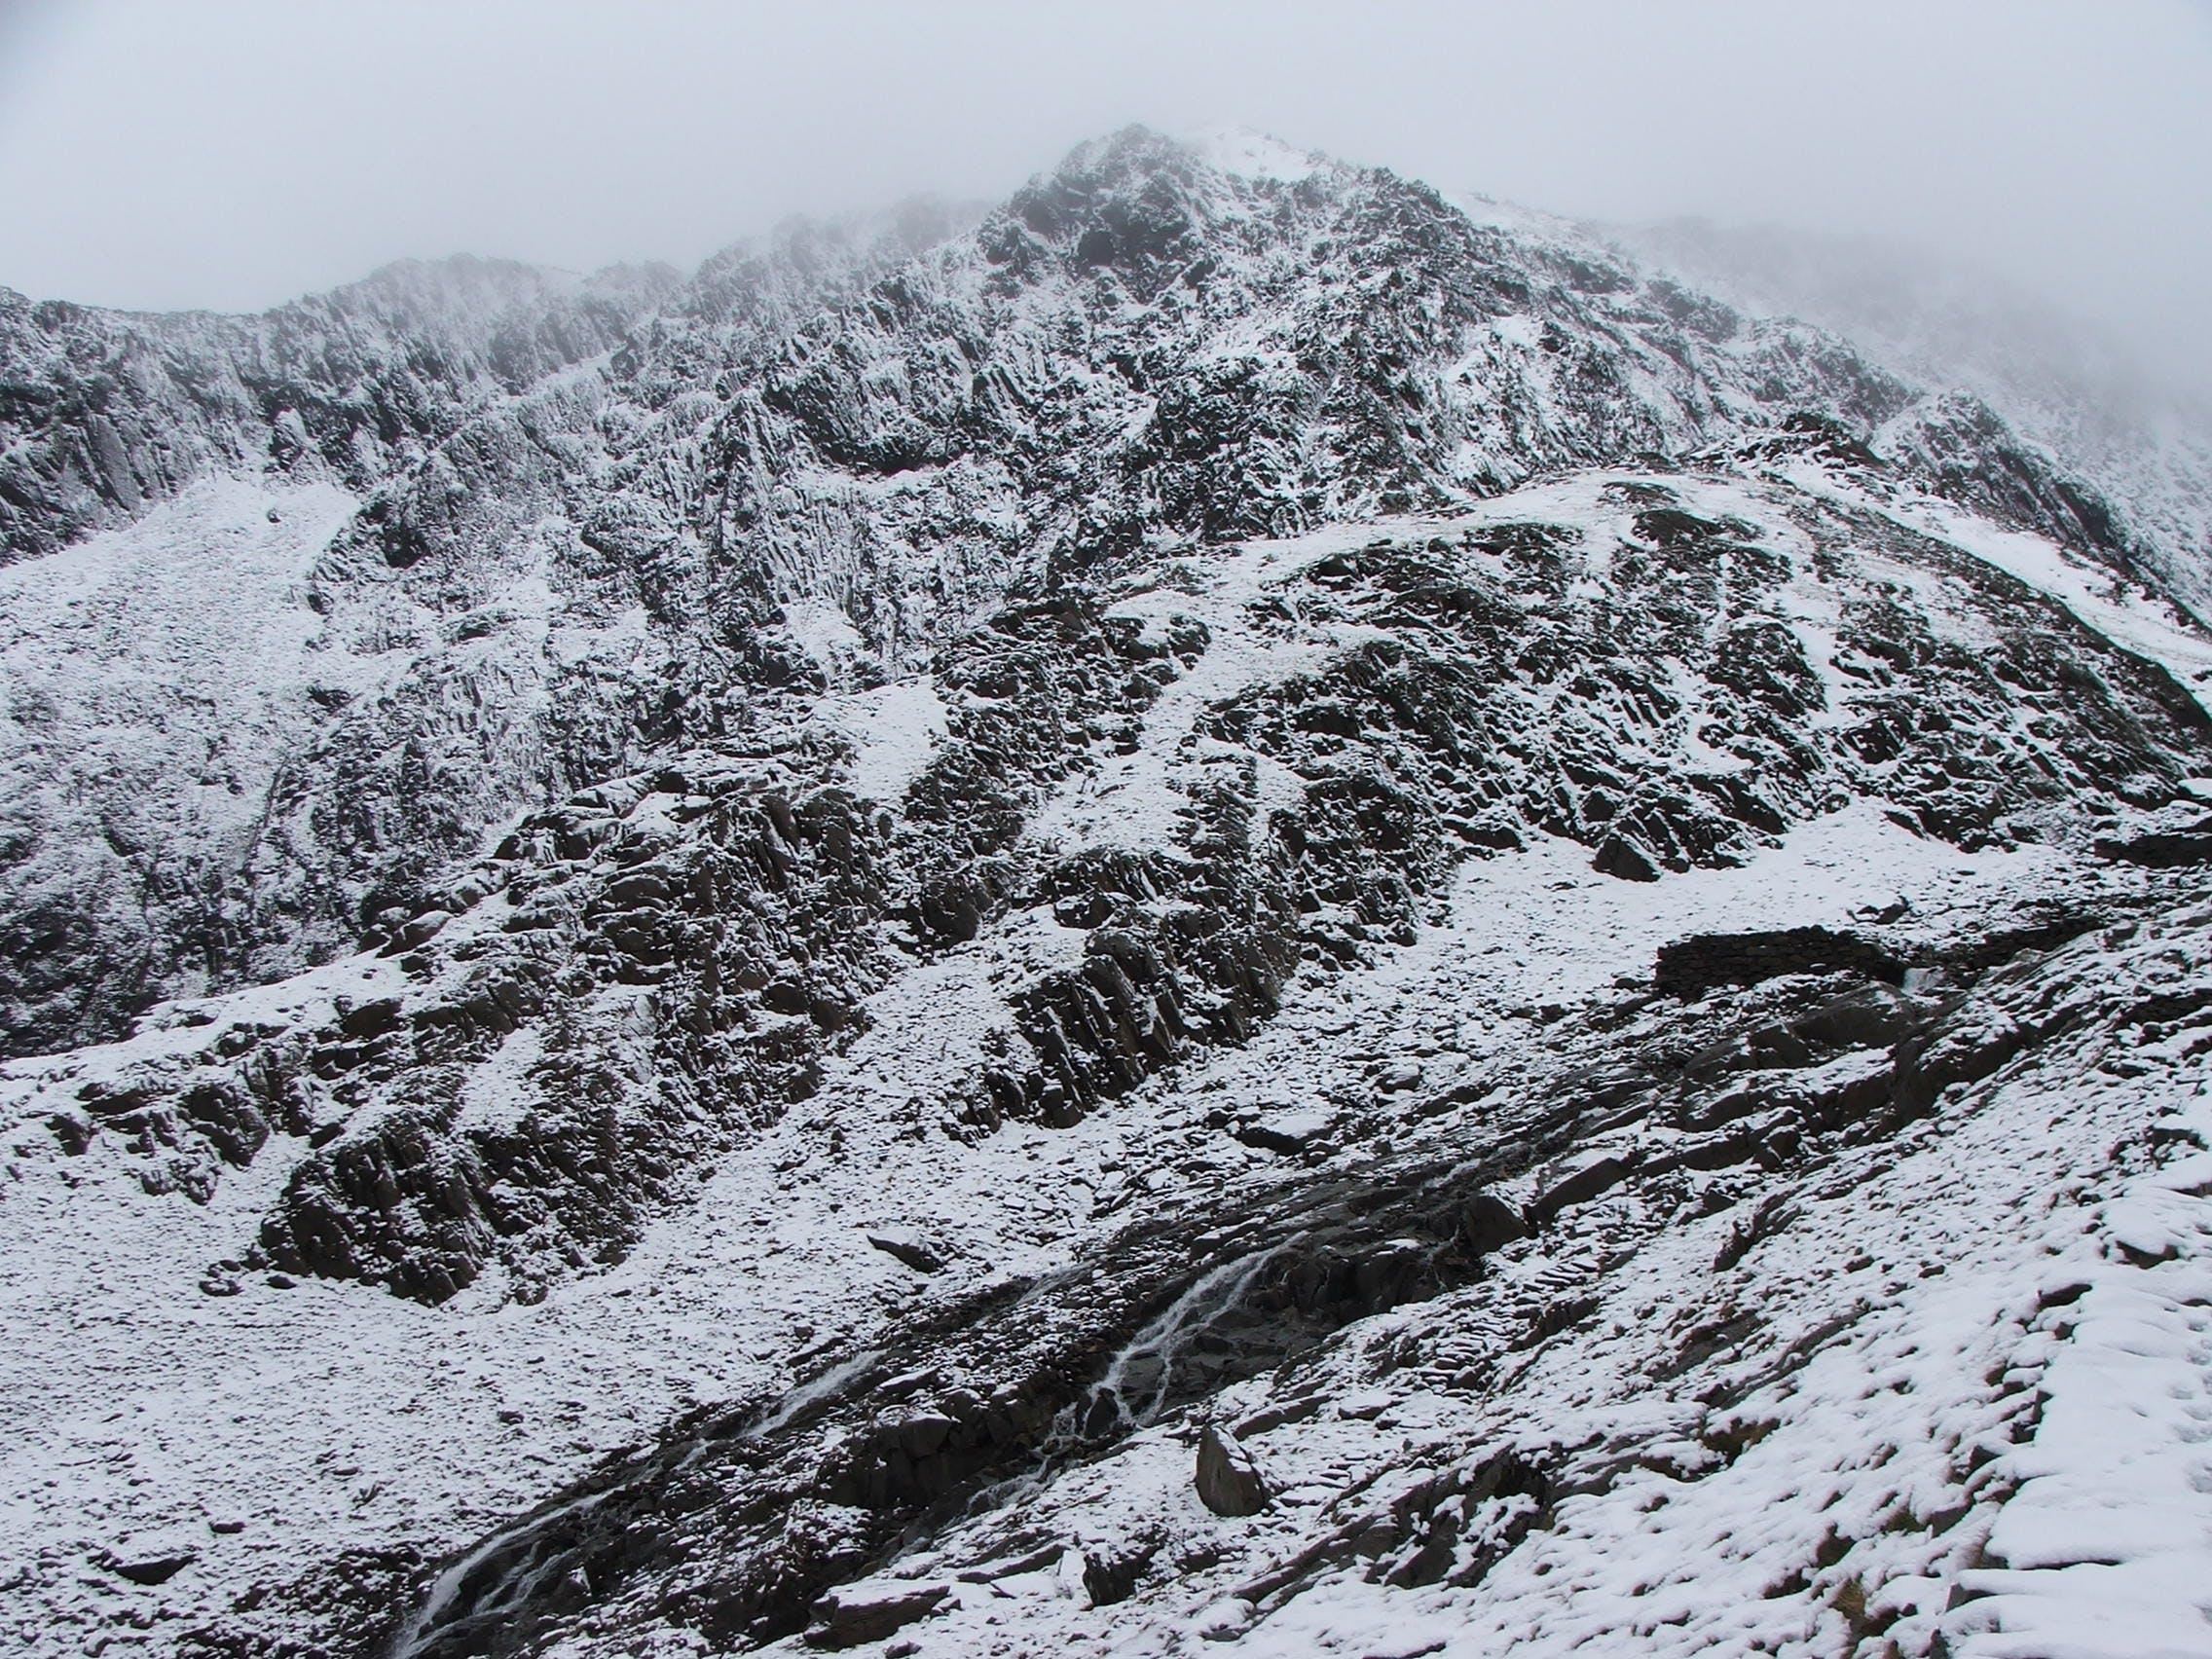 ασπρόμαυρο, βουνό, βράχια